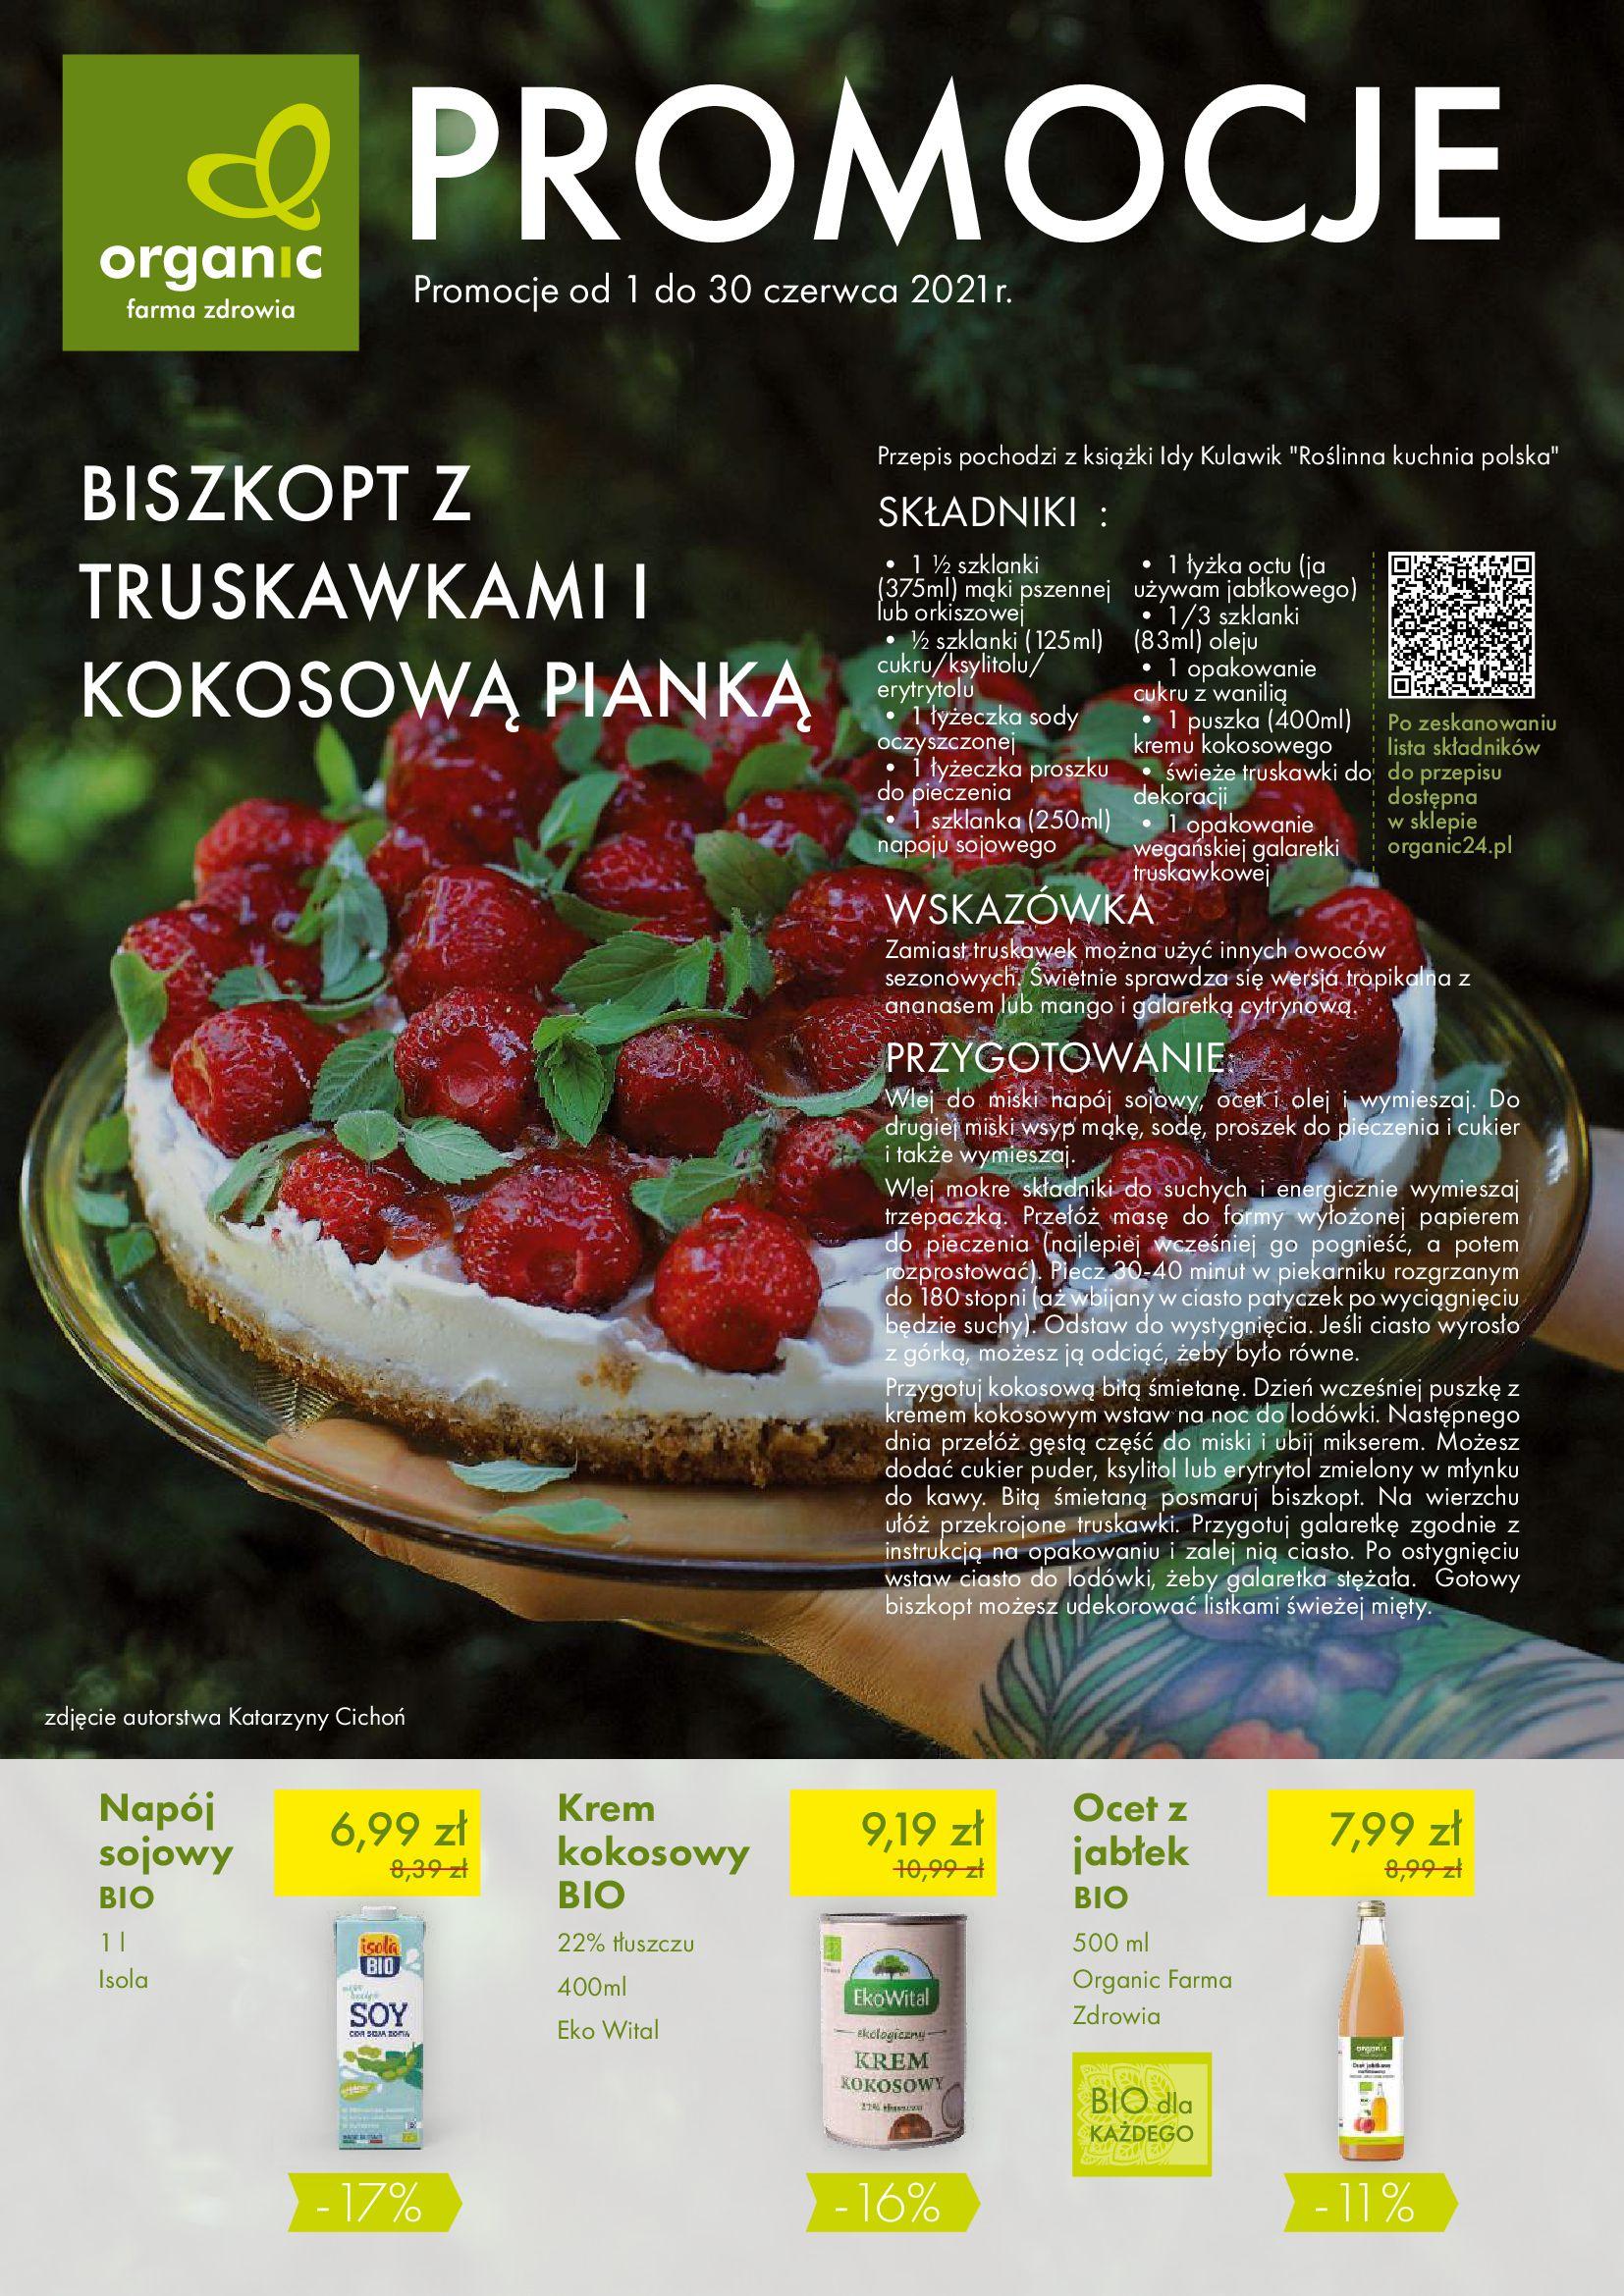 Organic Farma Zdrowia:  Gazetka Organic Farma Zdrowia 31.05.2021